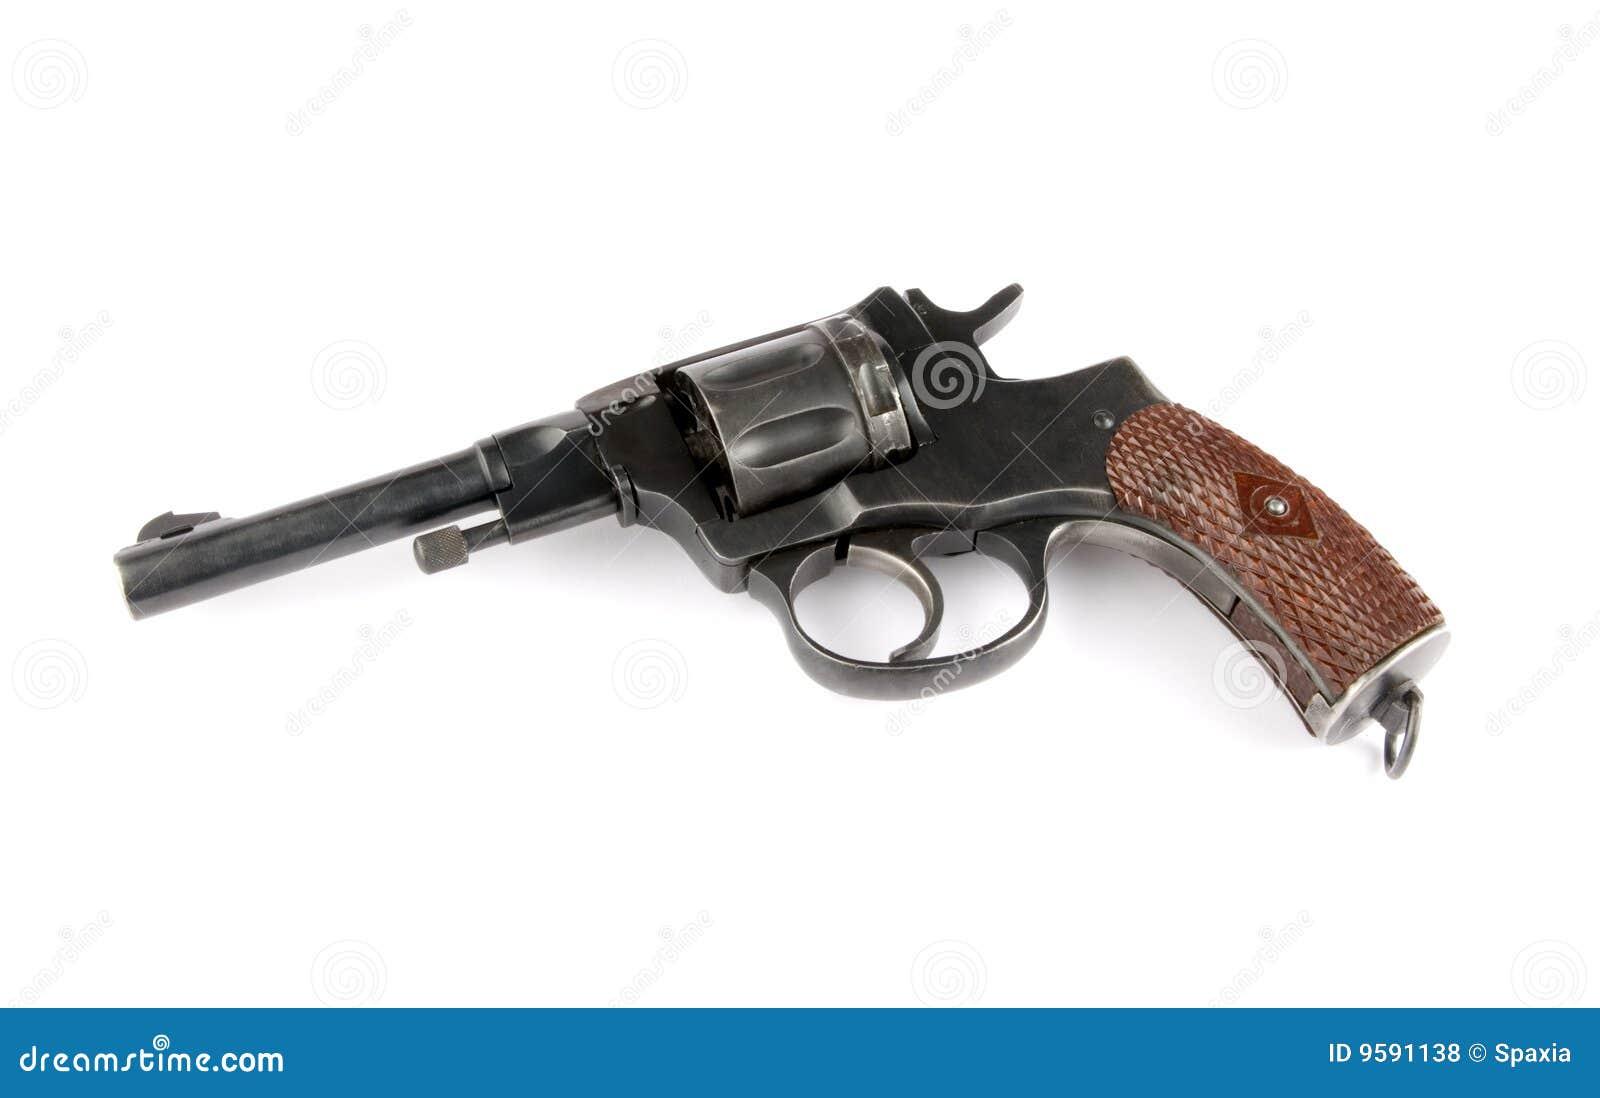 经典左轮手枪图片: 老左轮手枪 免版税库存照片